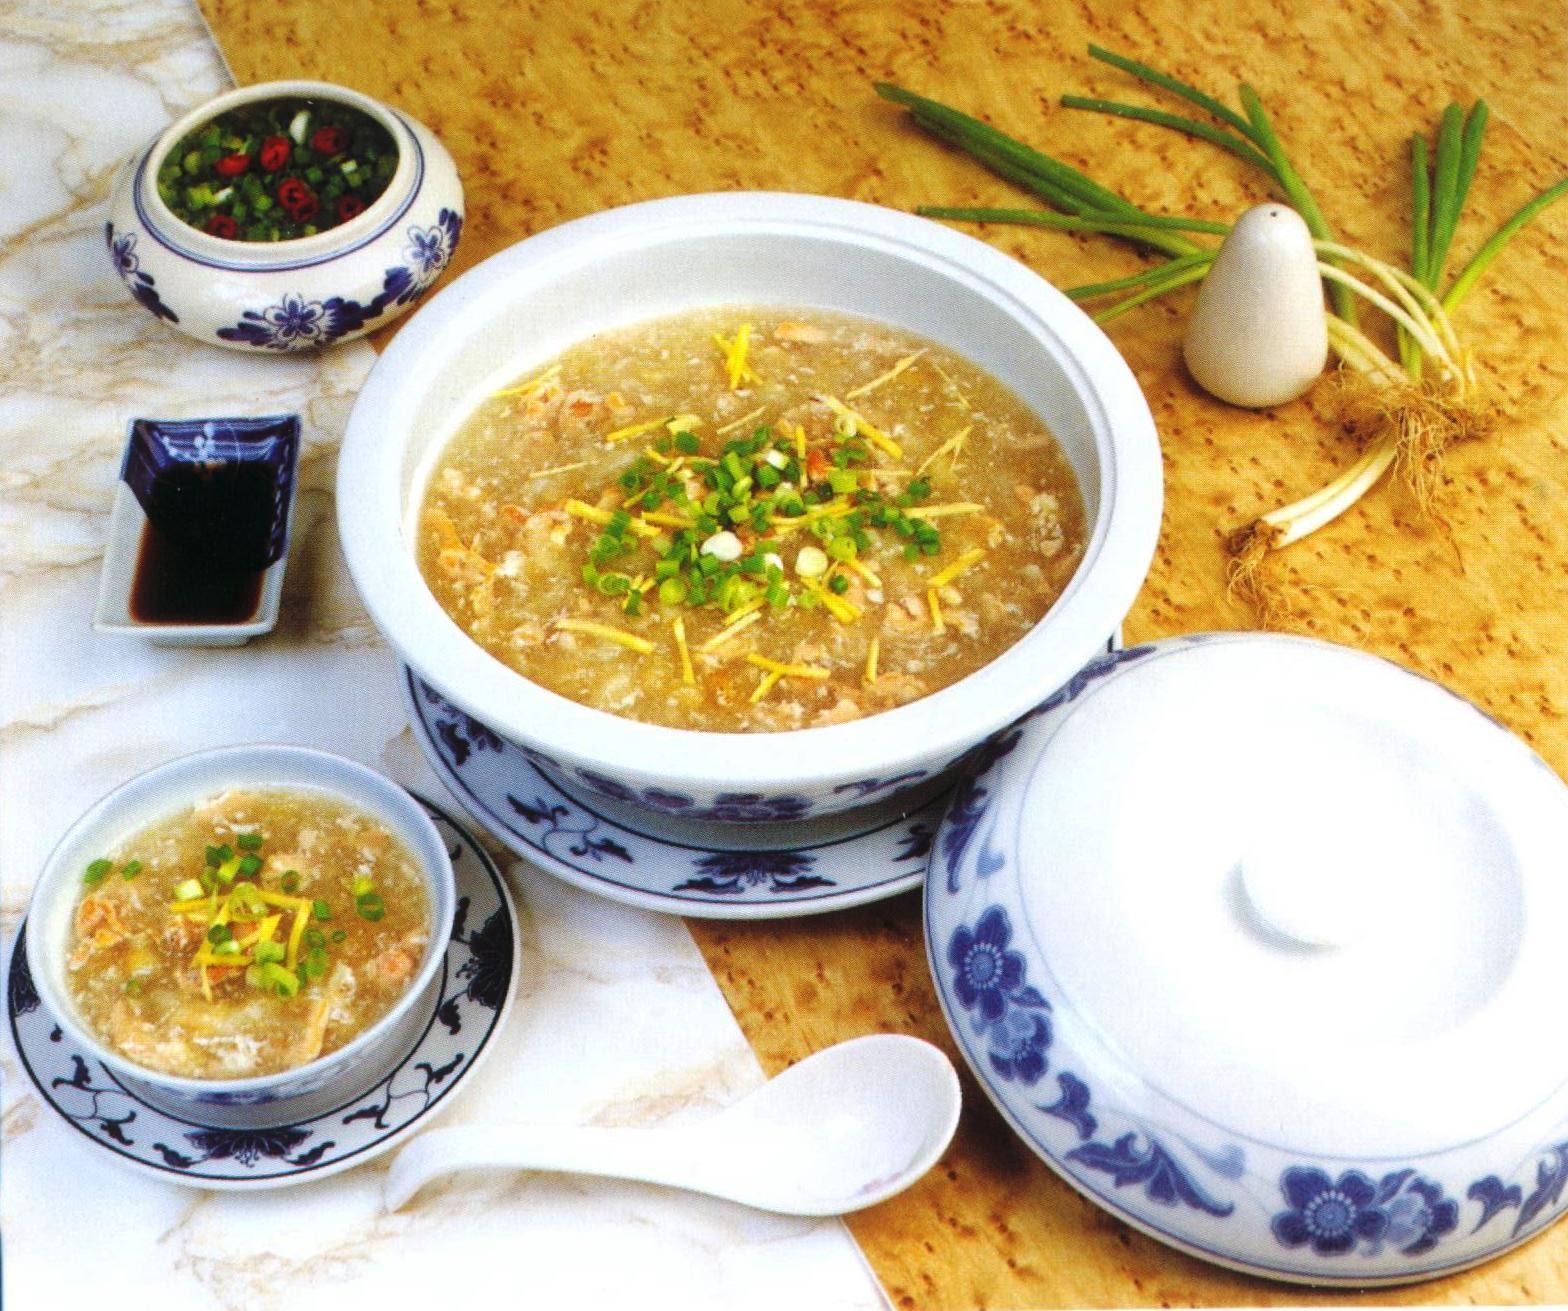 Kết quả hình ảnh cho súp gà nấm hương